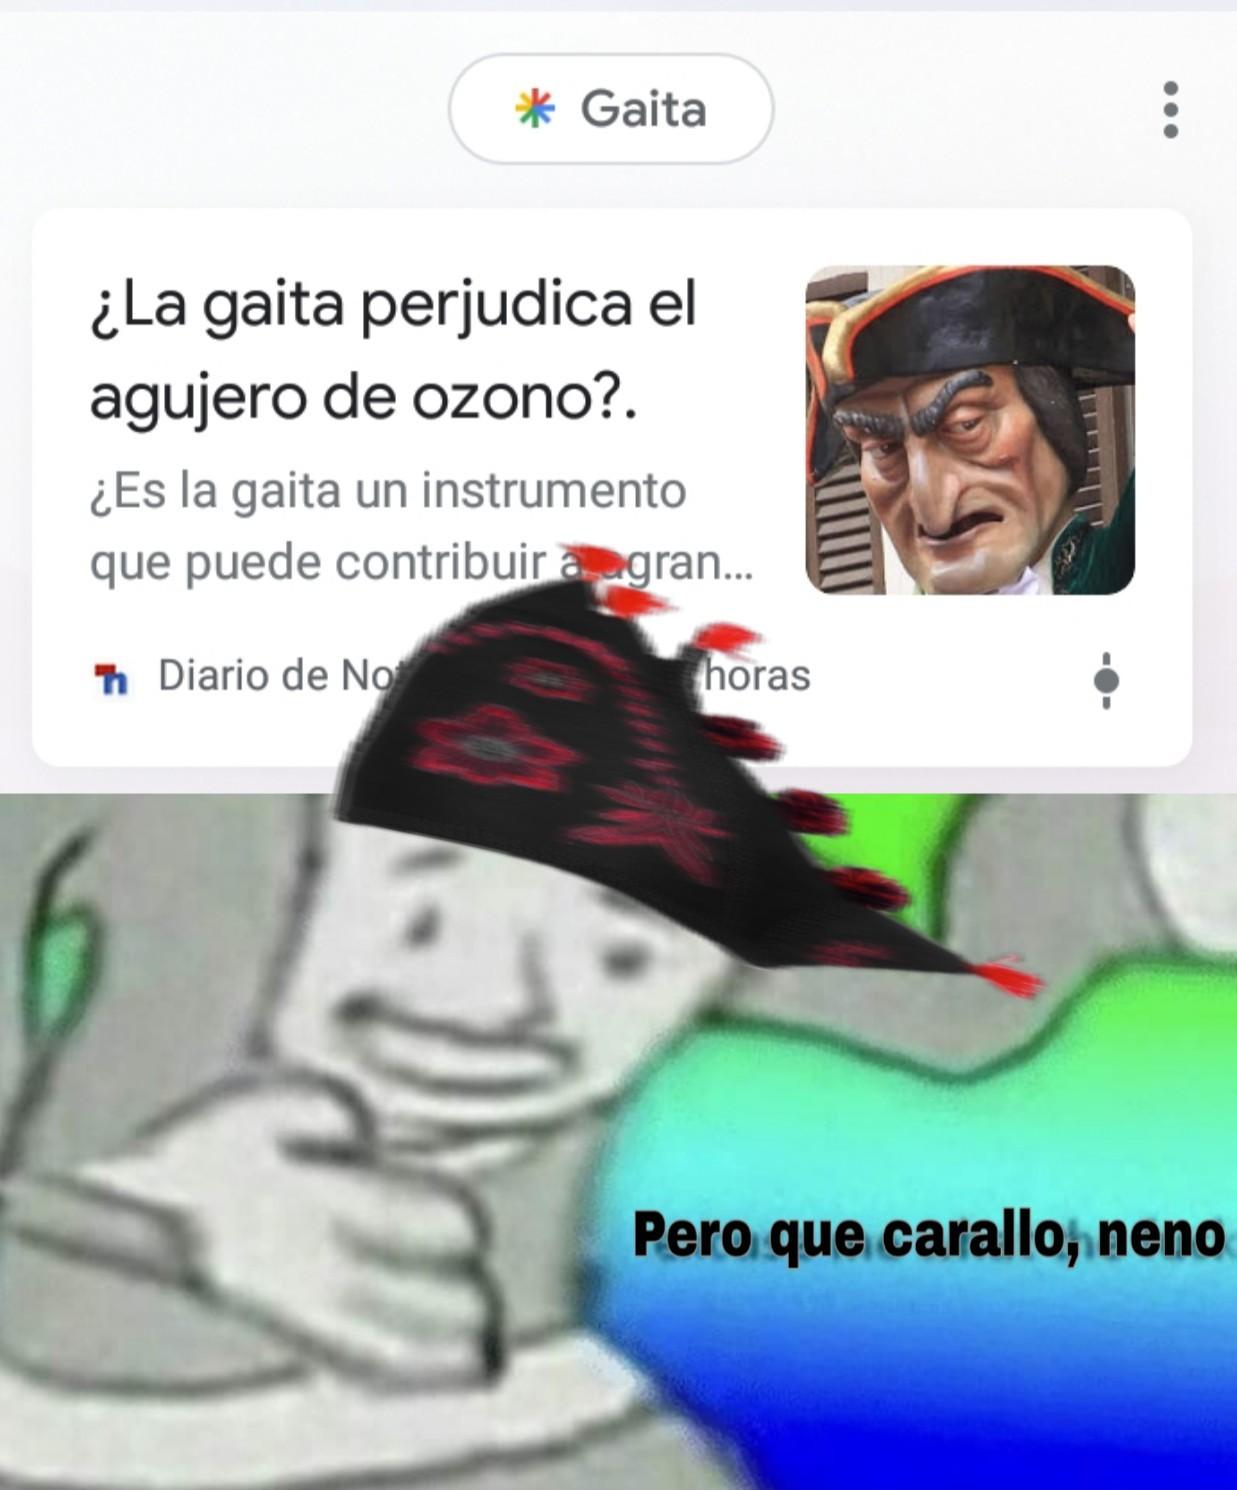 Solo los de España entenderán - meme